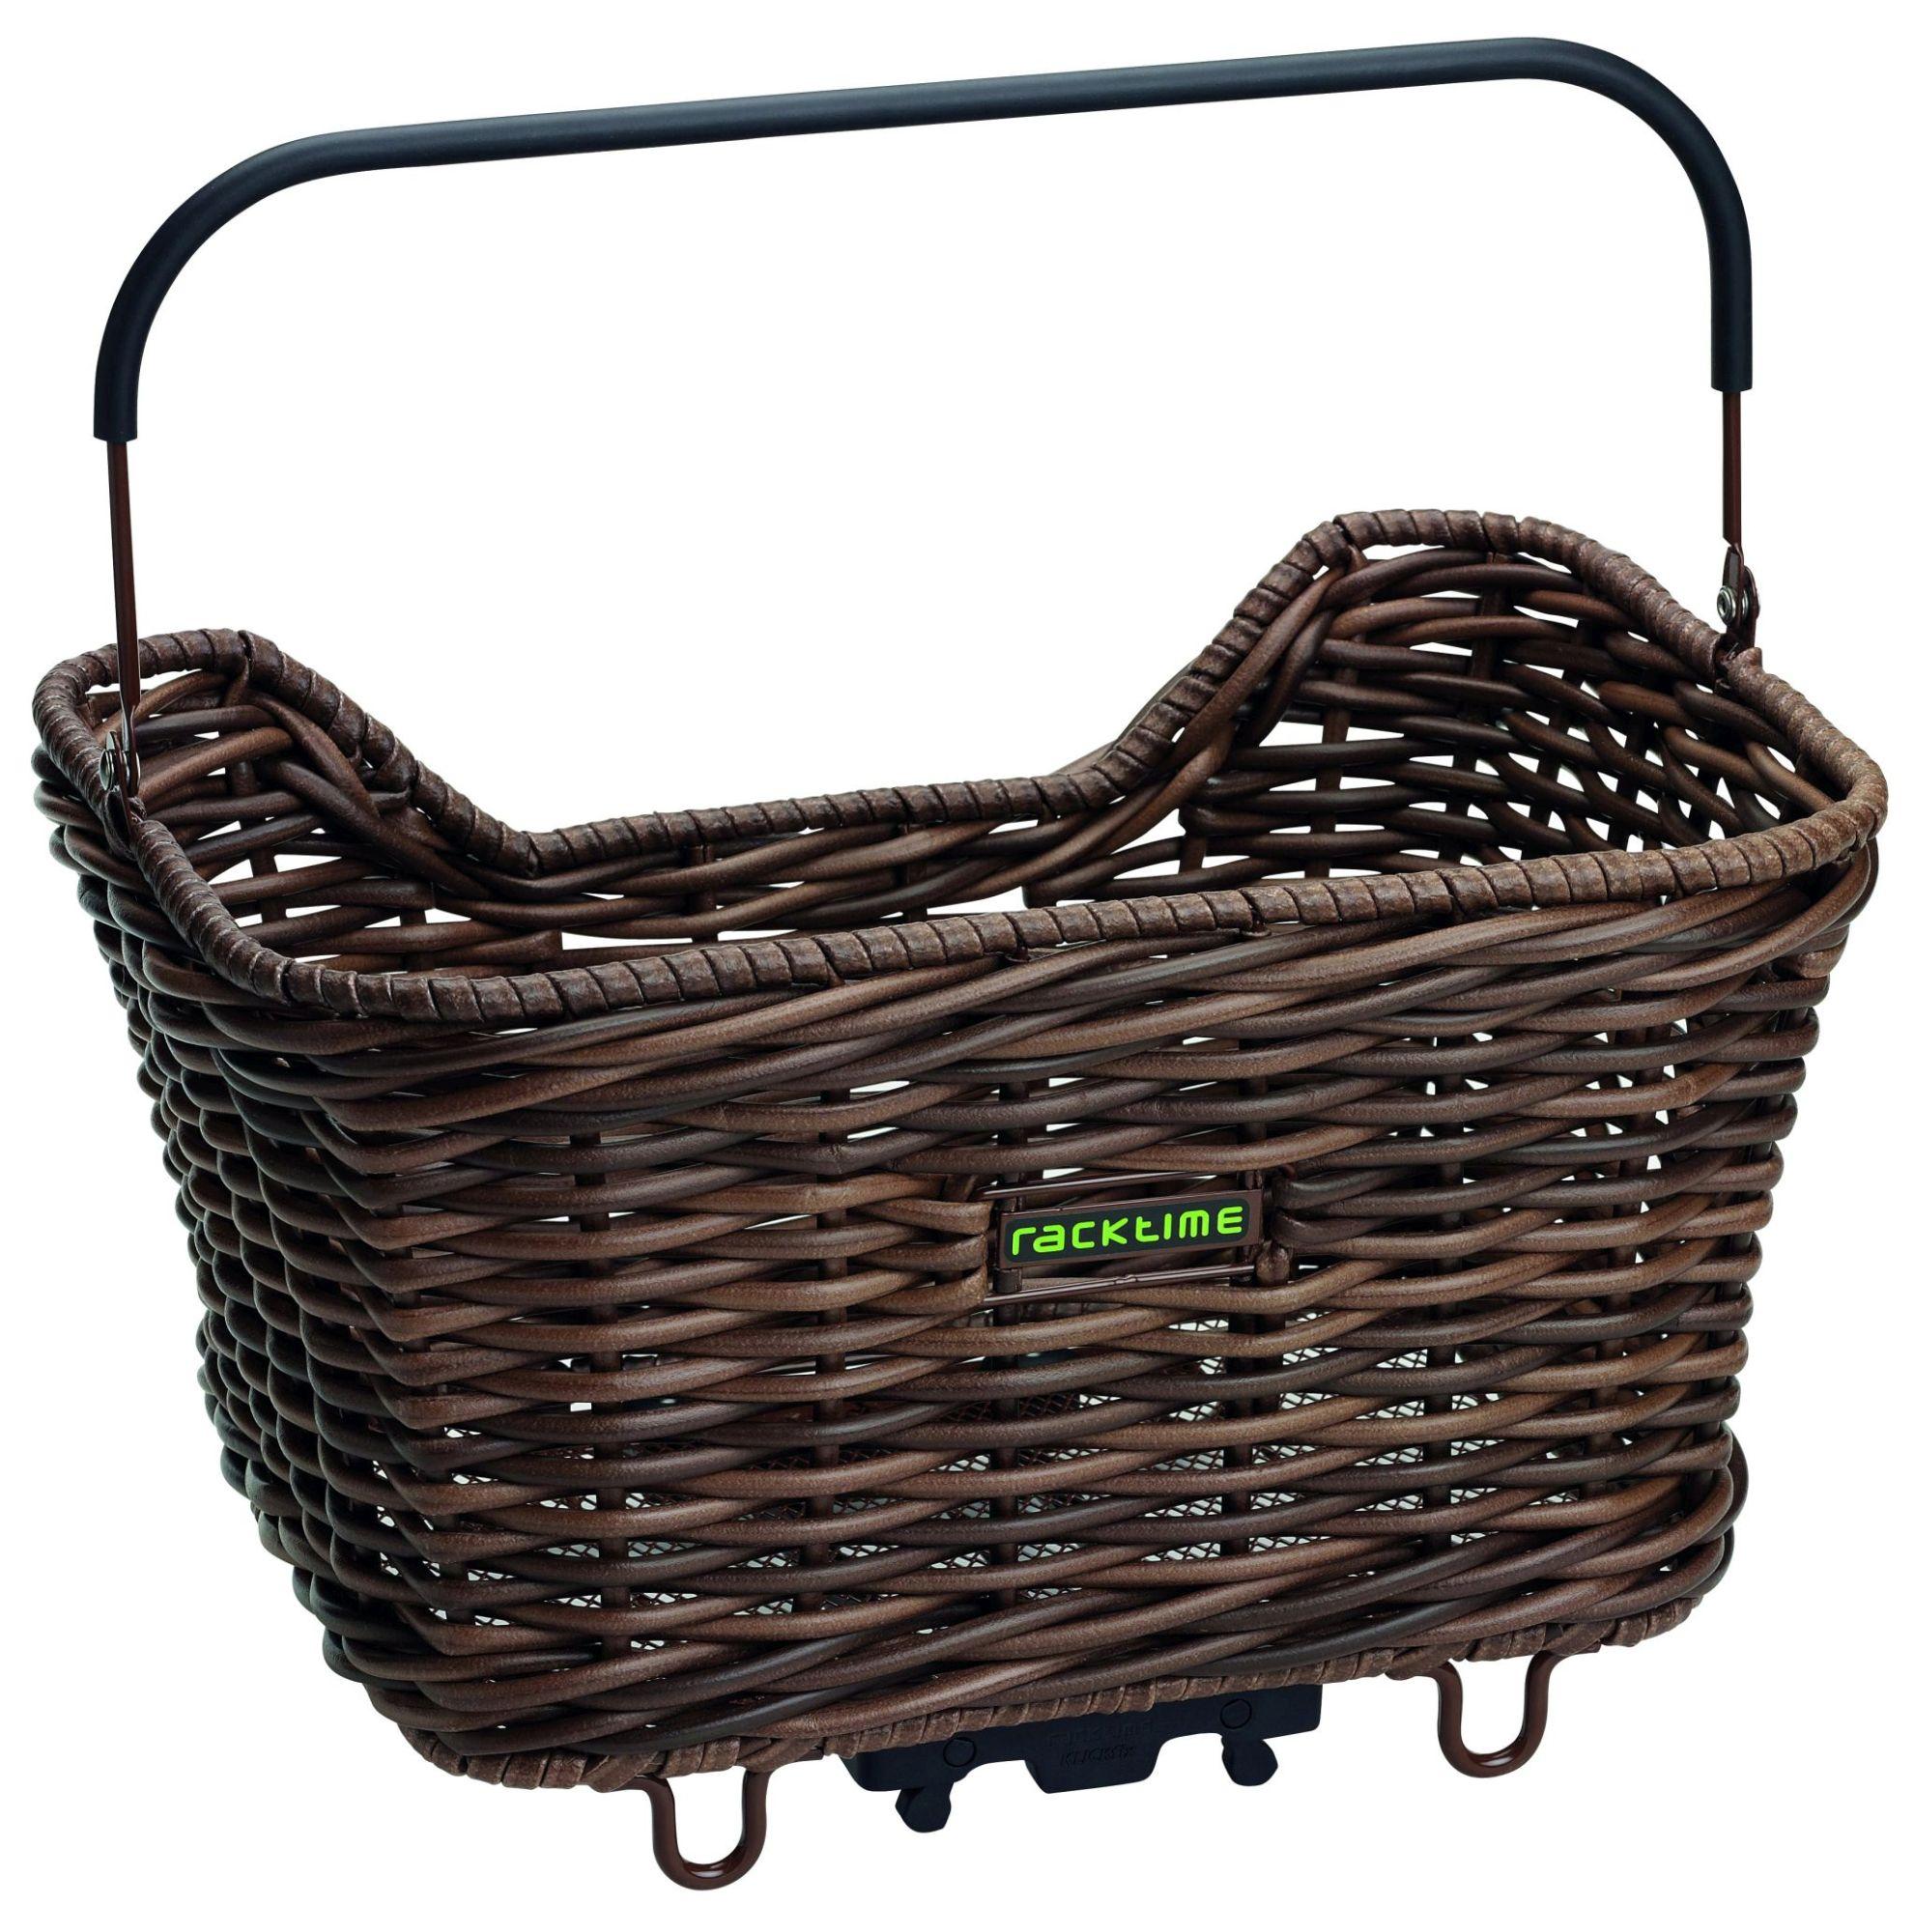 hinterradkörbe/Koffer & Körbe: Racktime  BASKit Willow Gepäckträgerkorb